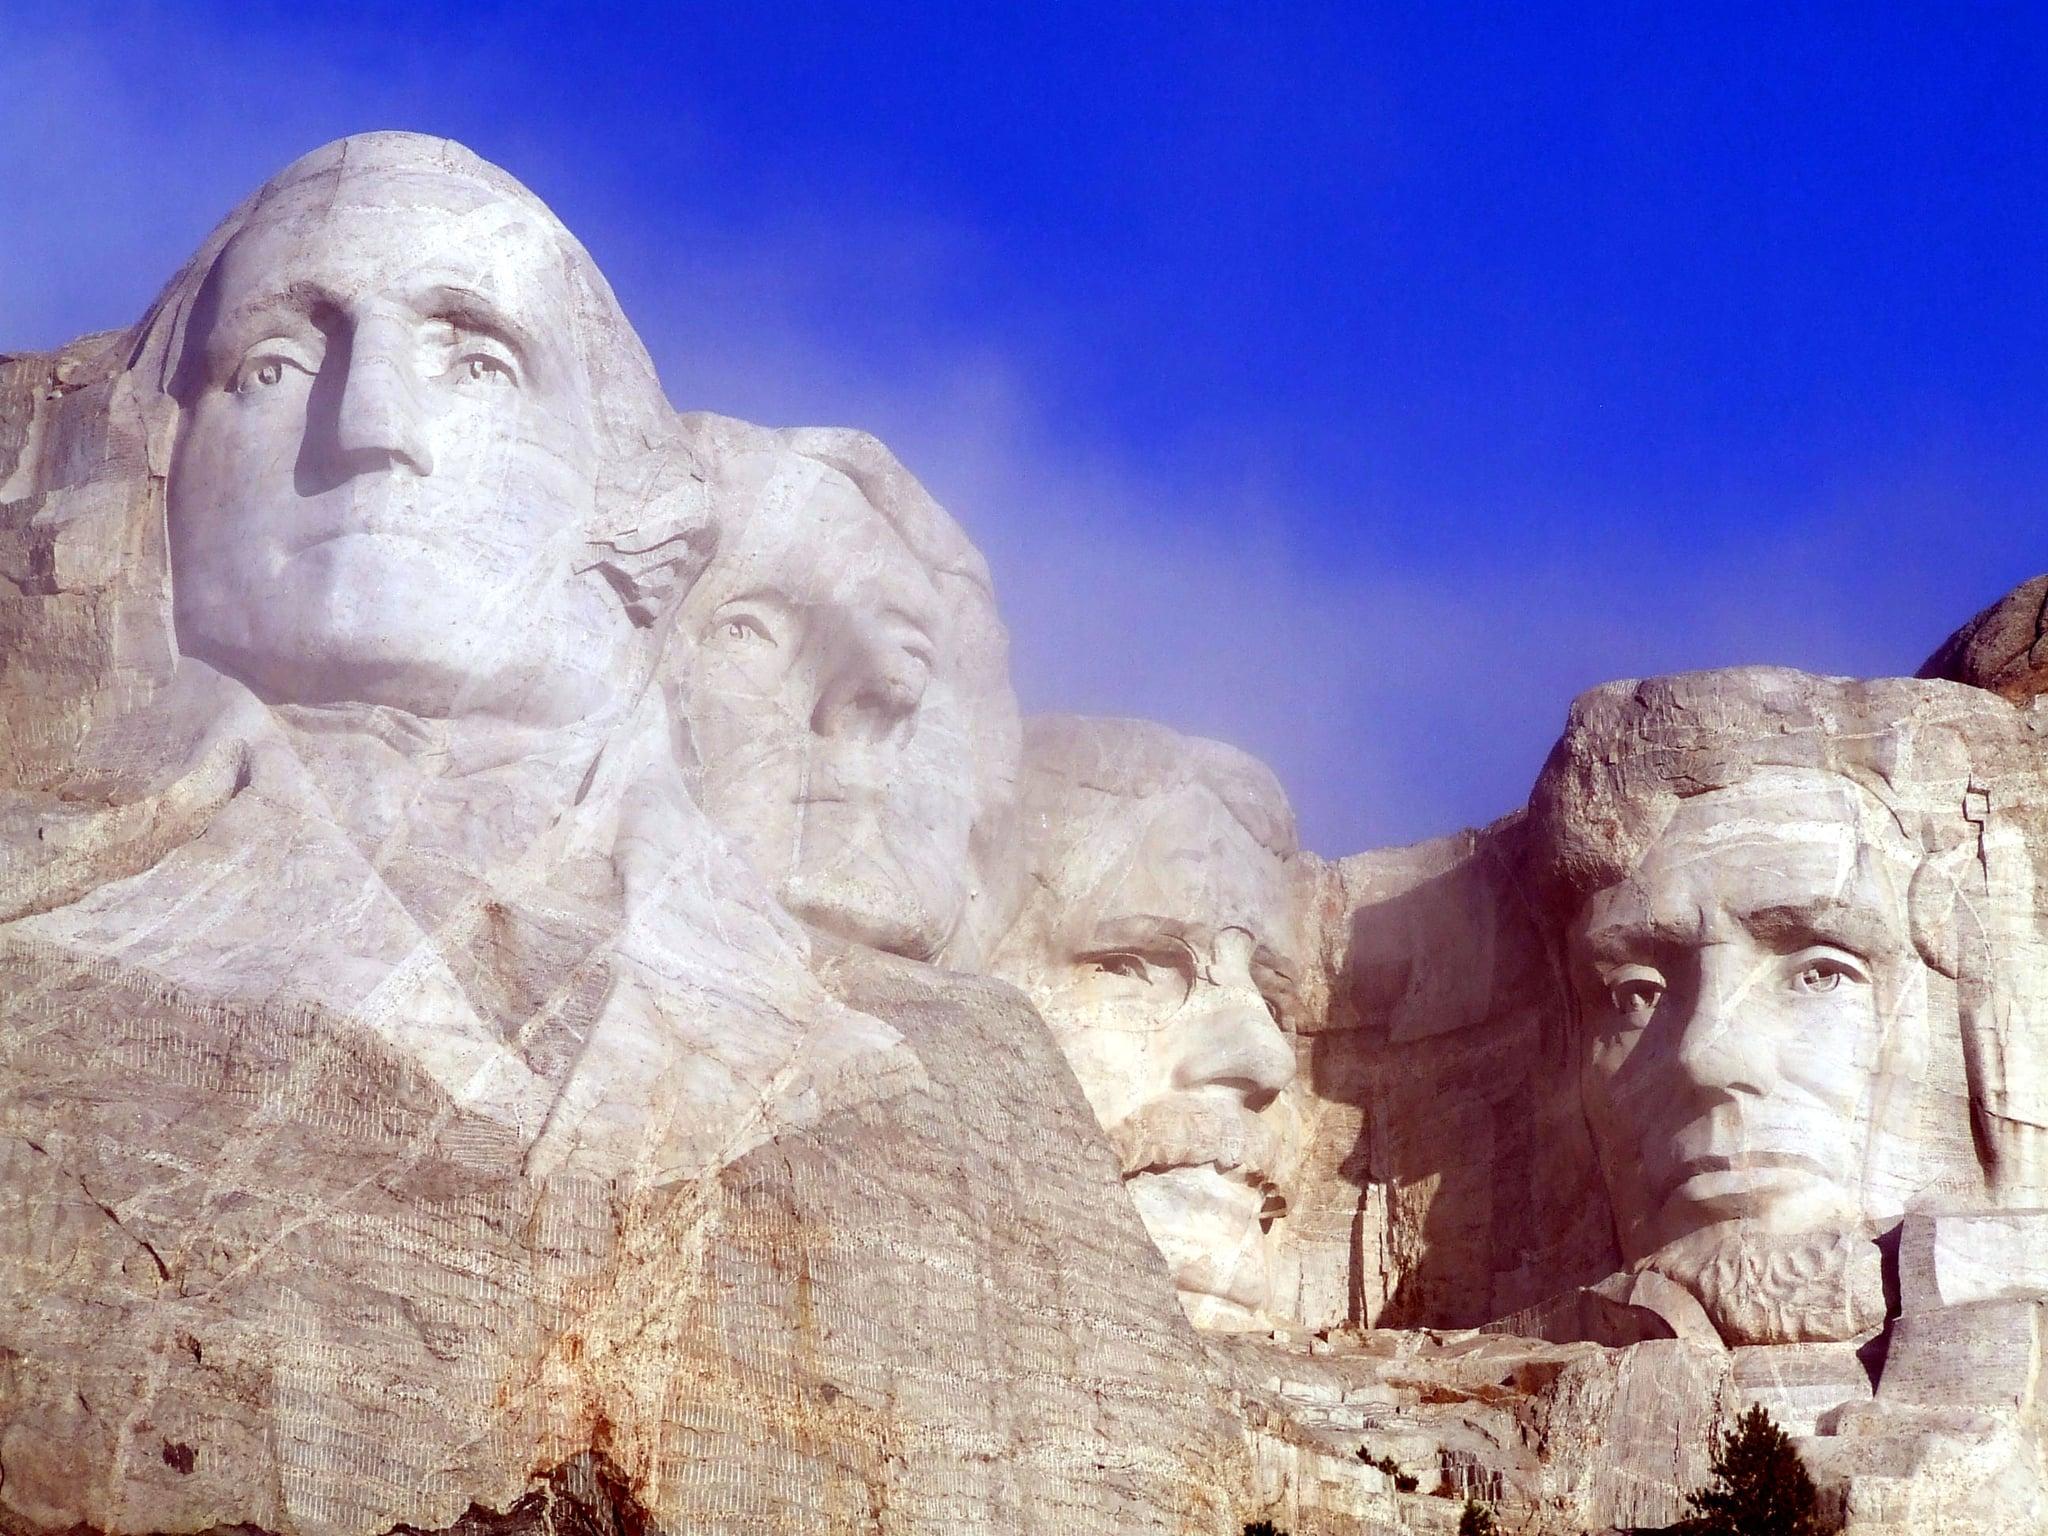 Mount Rushmore National Memorial: South Dakota